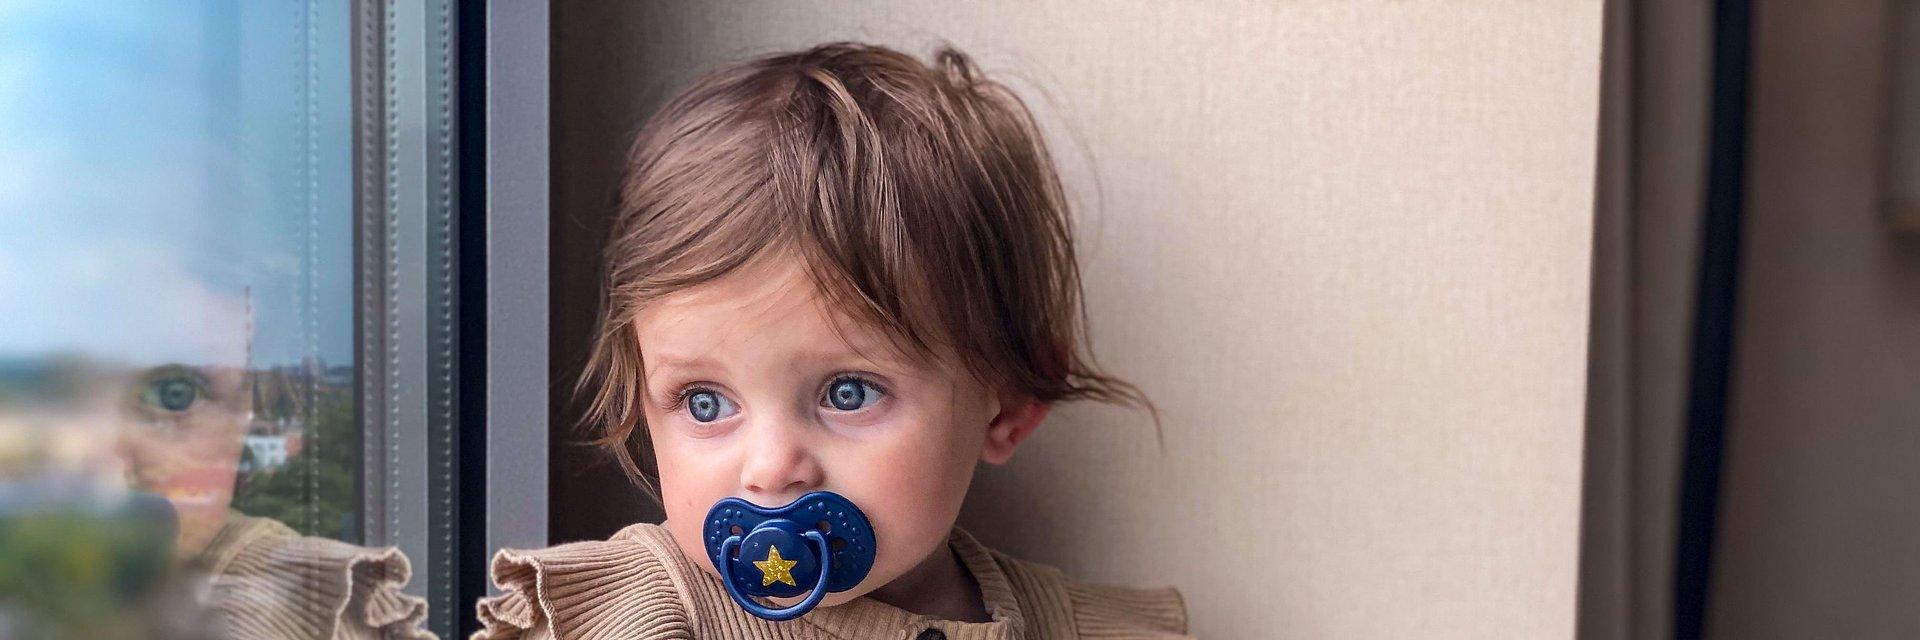 Jak dopasować smoczek i butelkę do potrzeb i wieku dziecka?